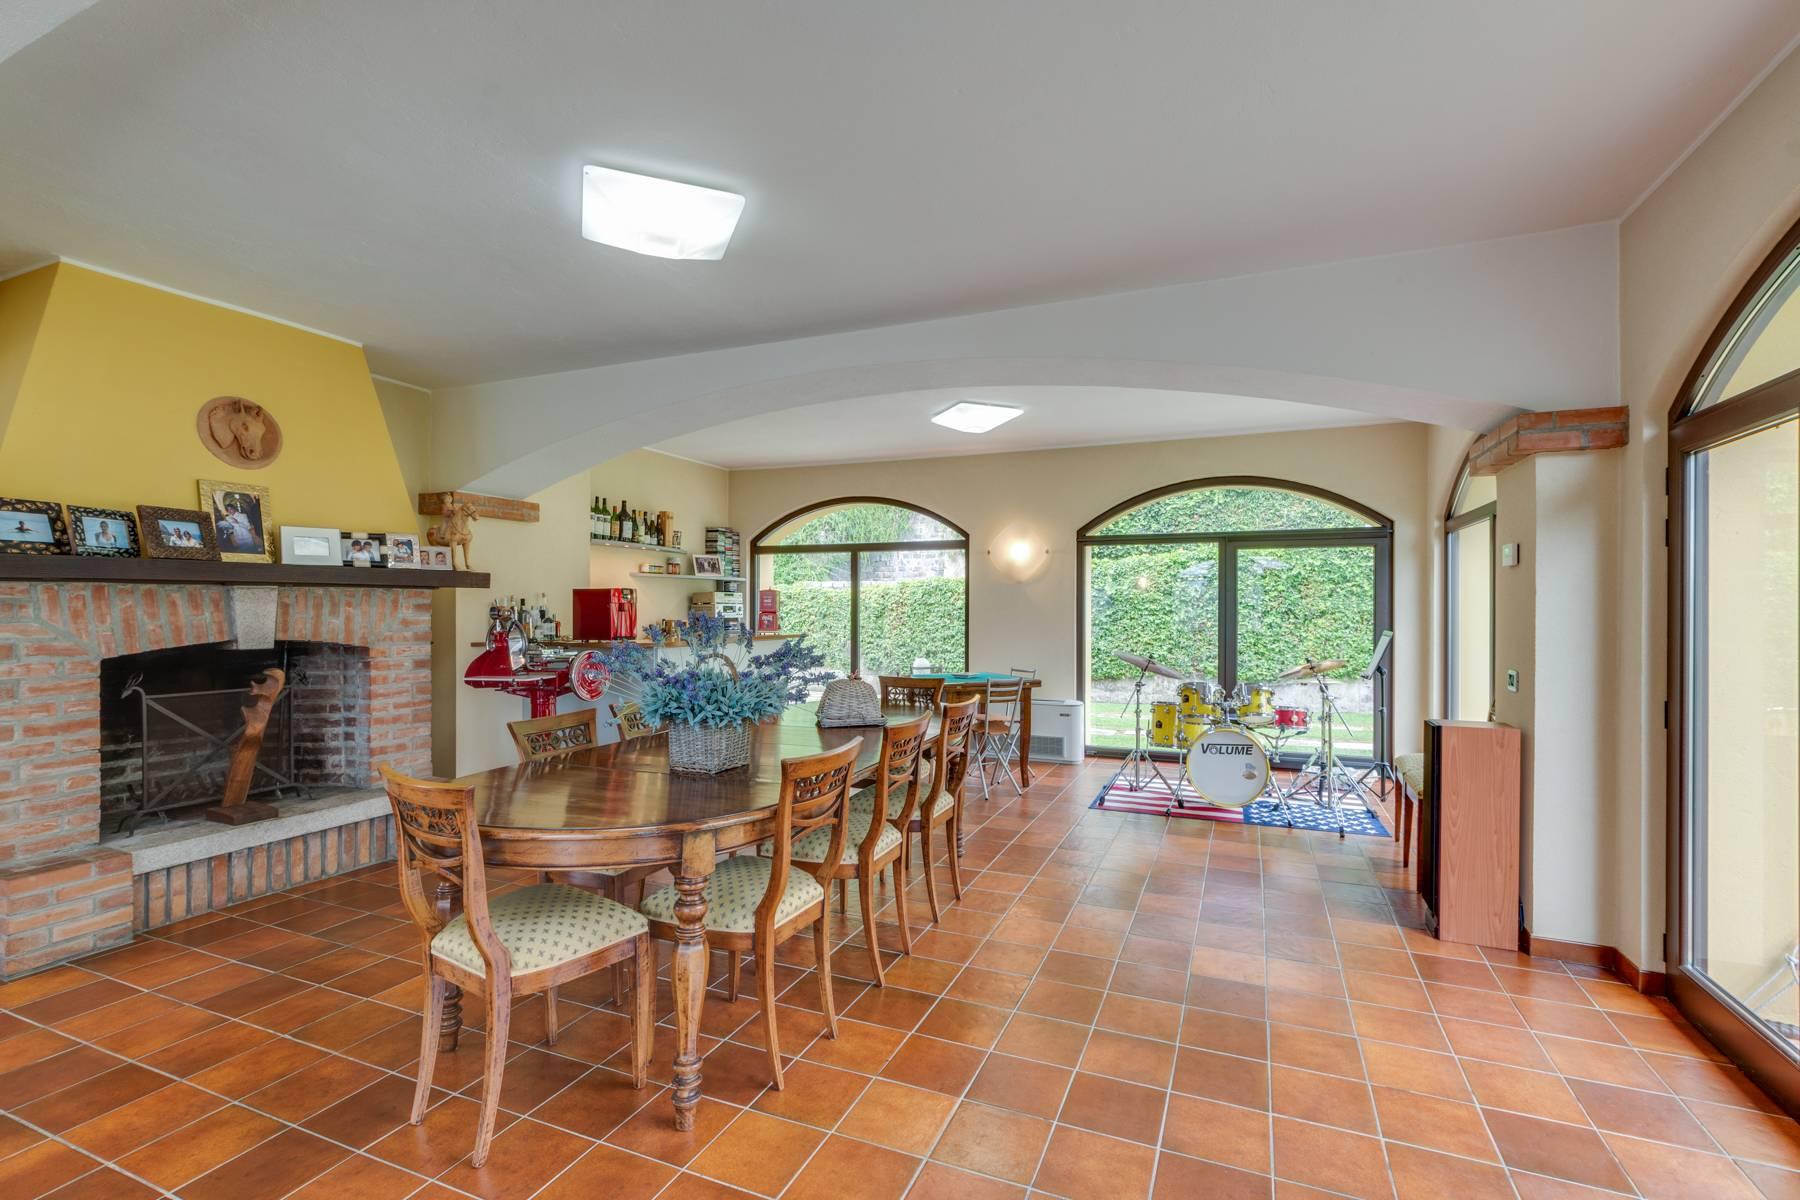 Villa in Vendita a Arona: 5 locali, 350 mq - Foto 9